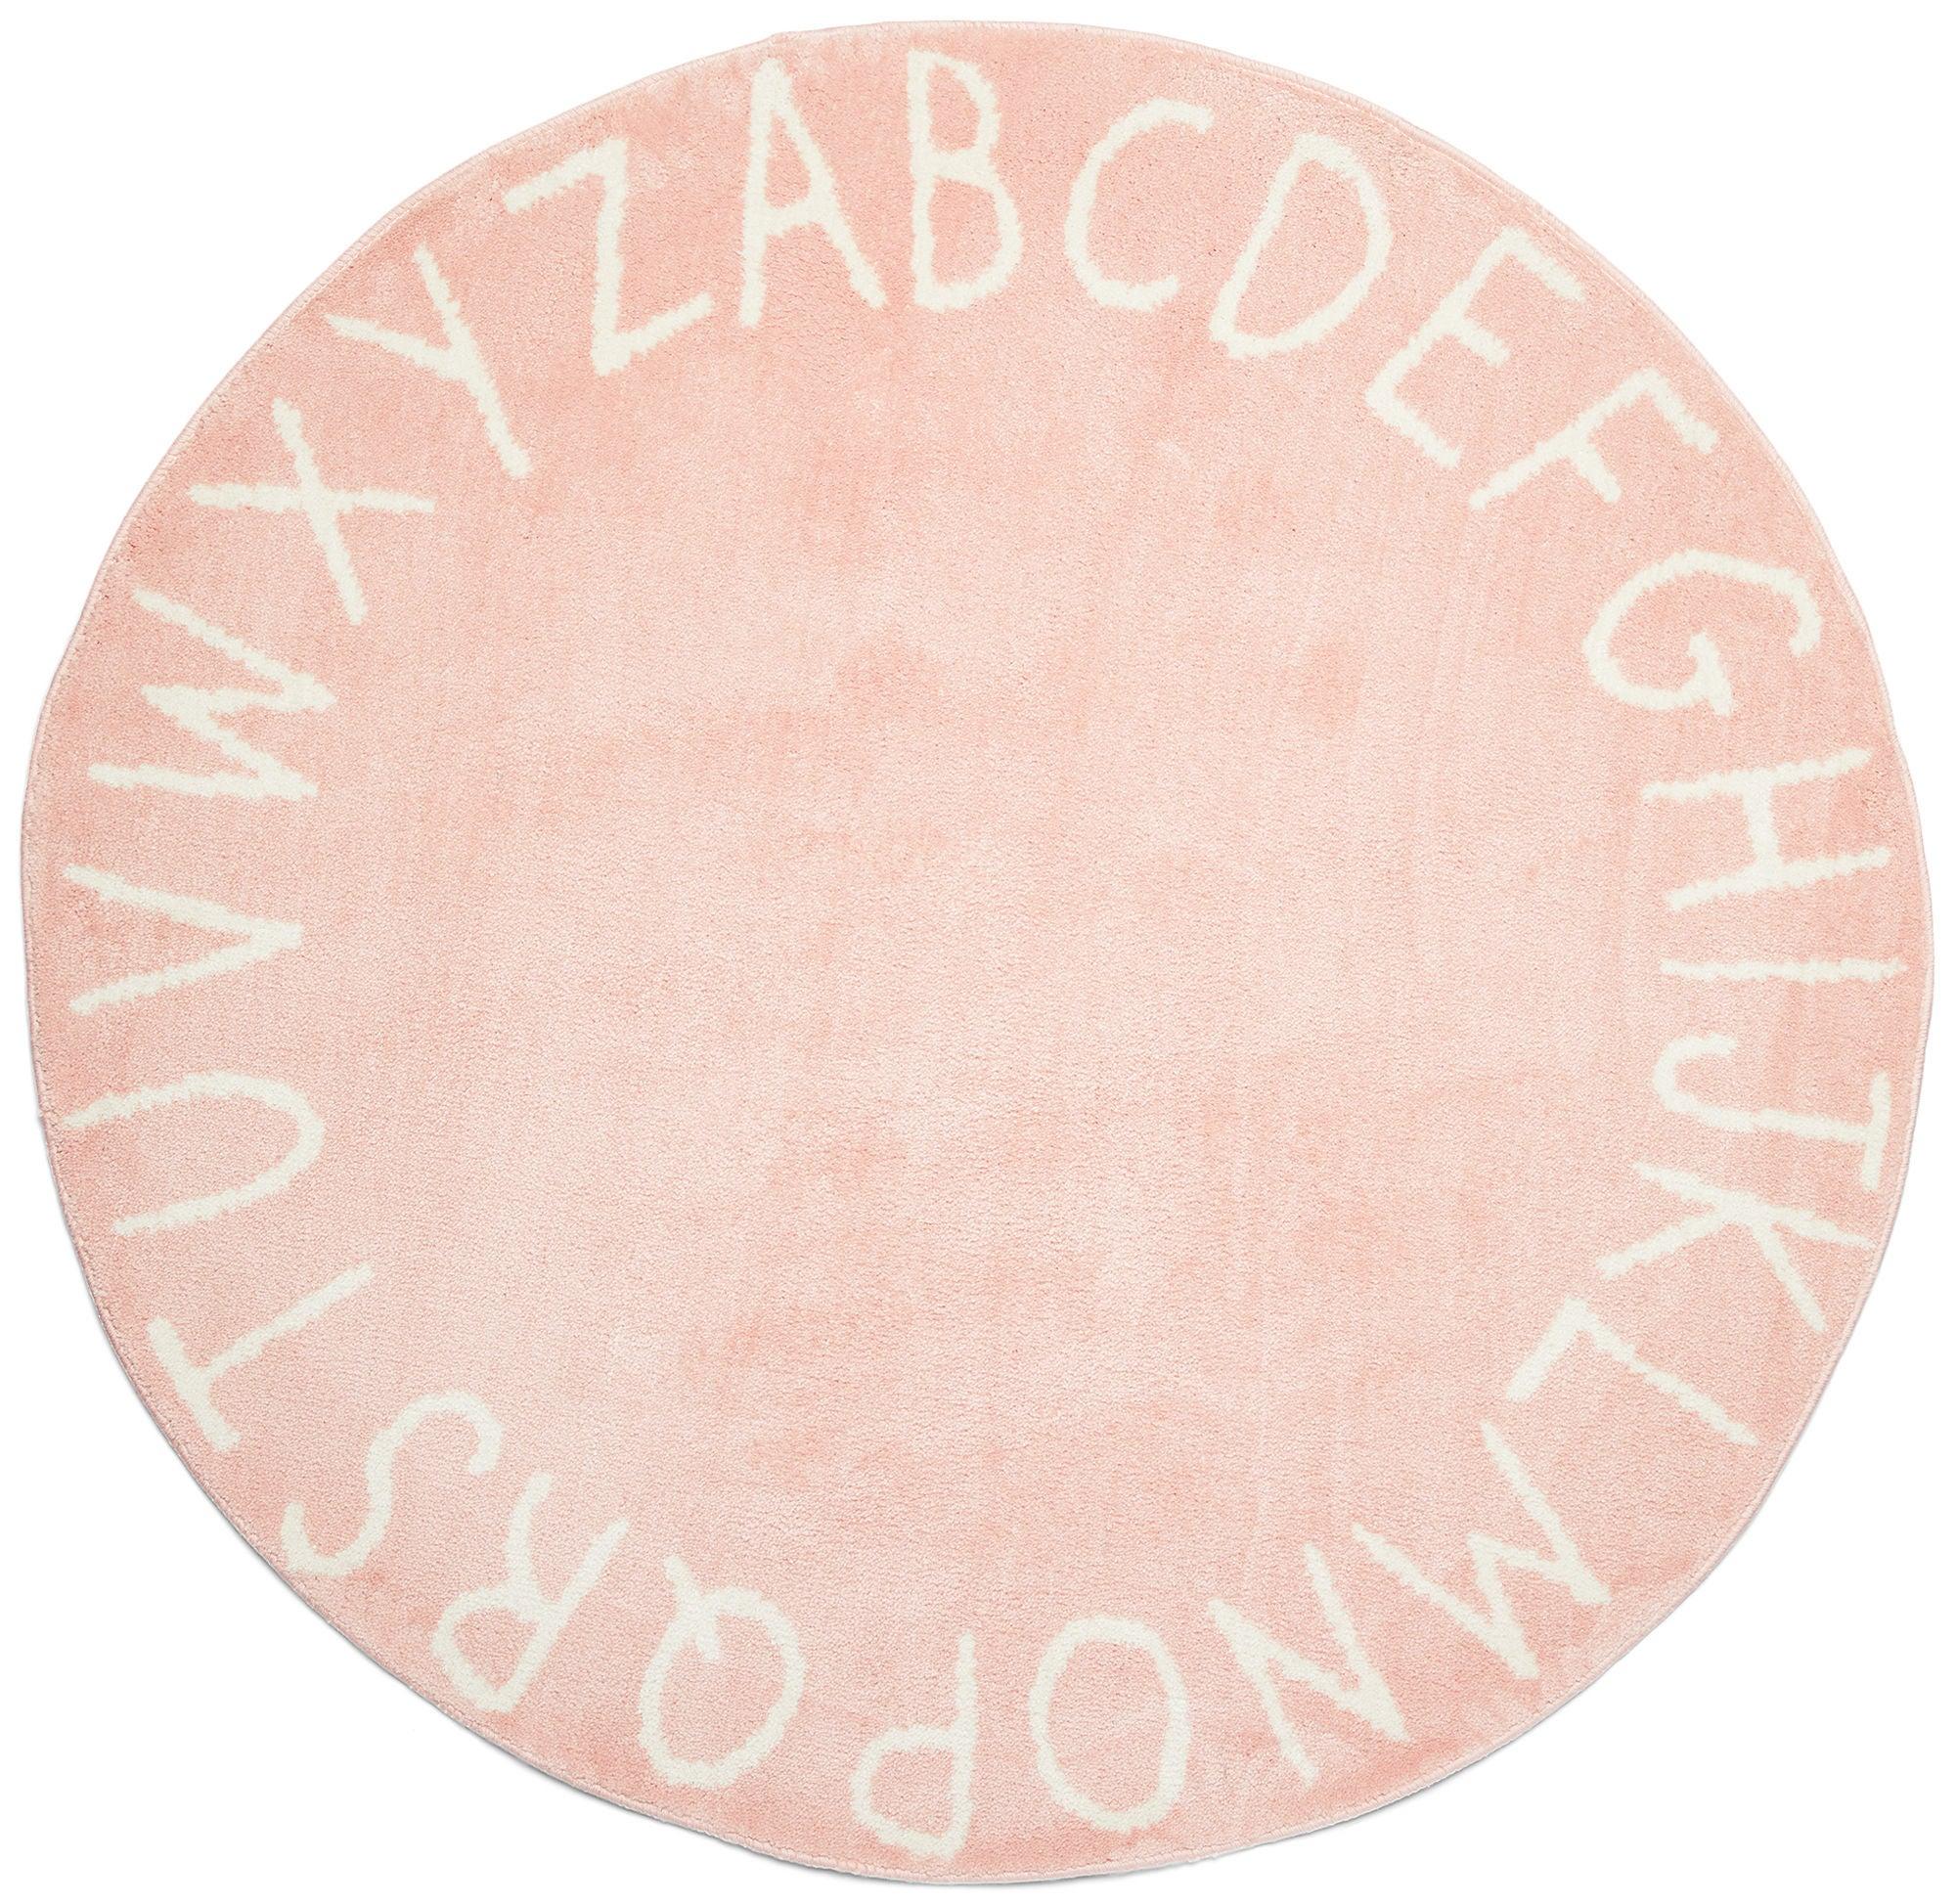 Alice & Fox Matto Kirjaimet 120 cm, Vaaleanpunainen